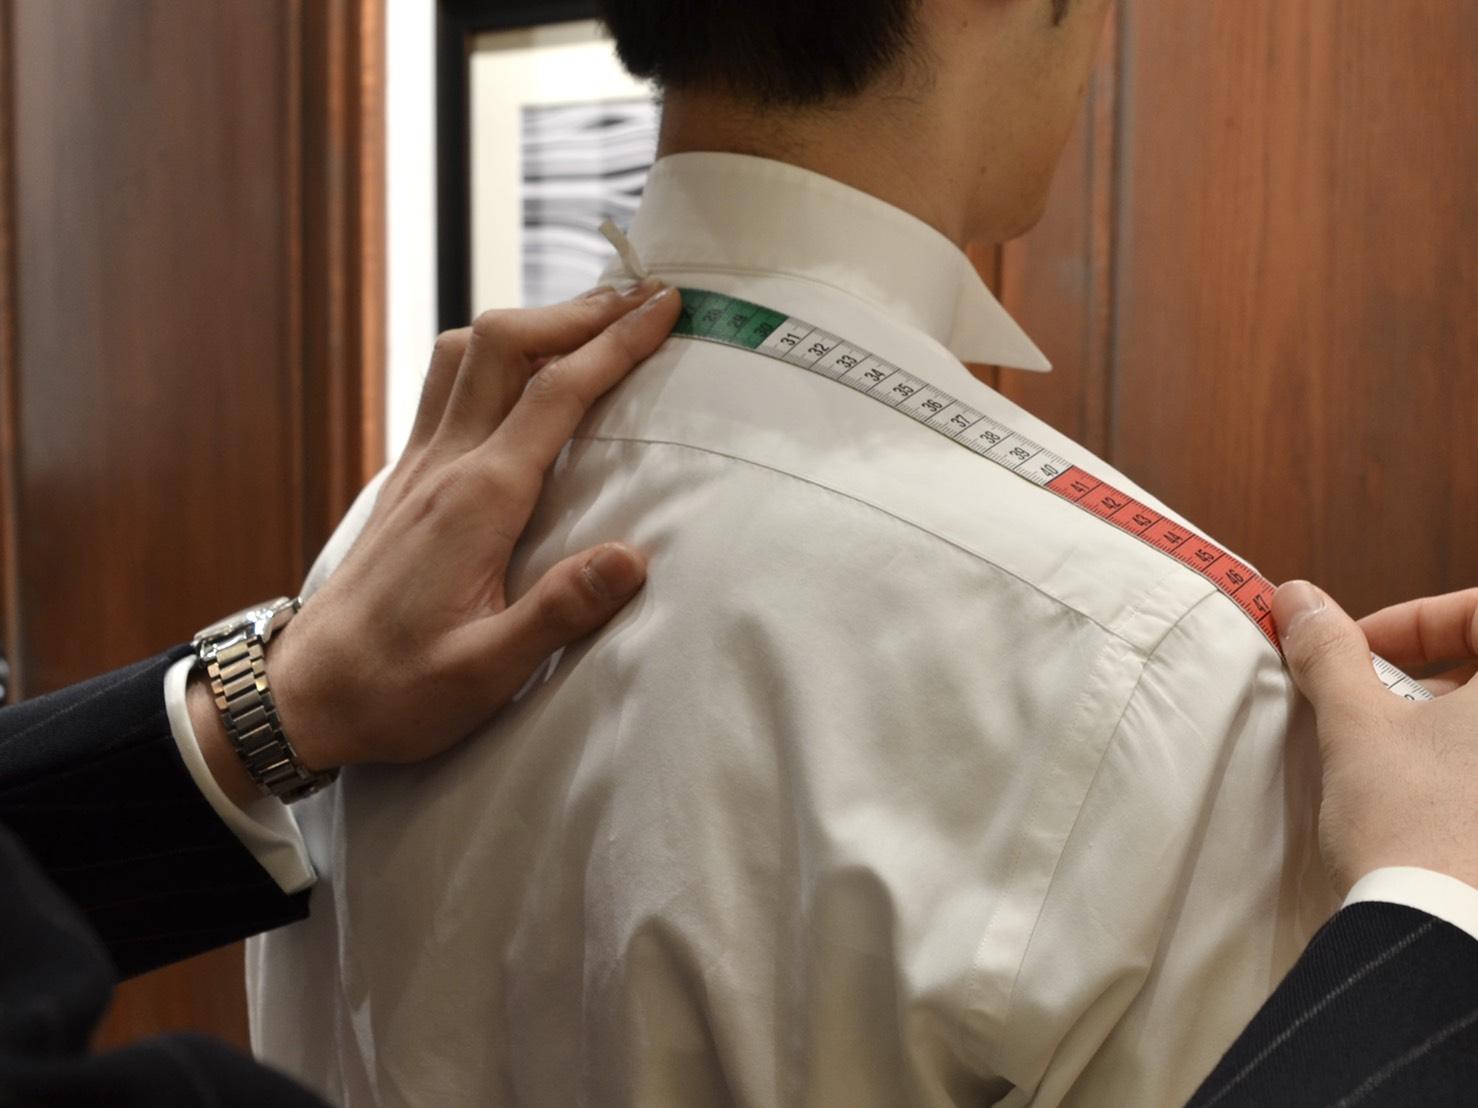 ロロ・ピアーナ(Loro Piana)の生地で仕立てることのできるオーダータキシード